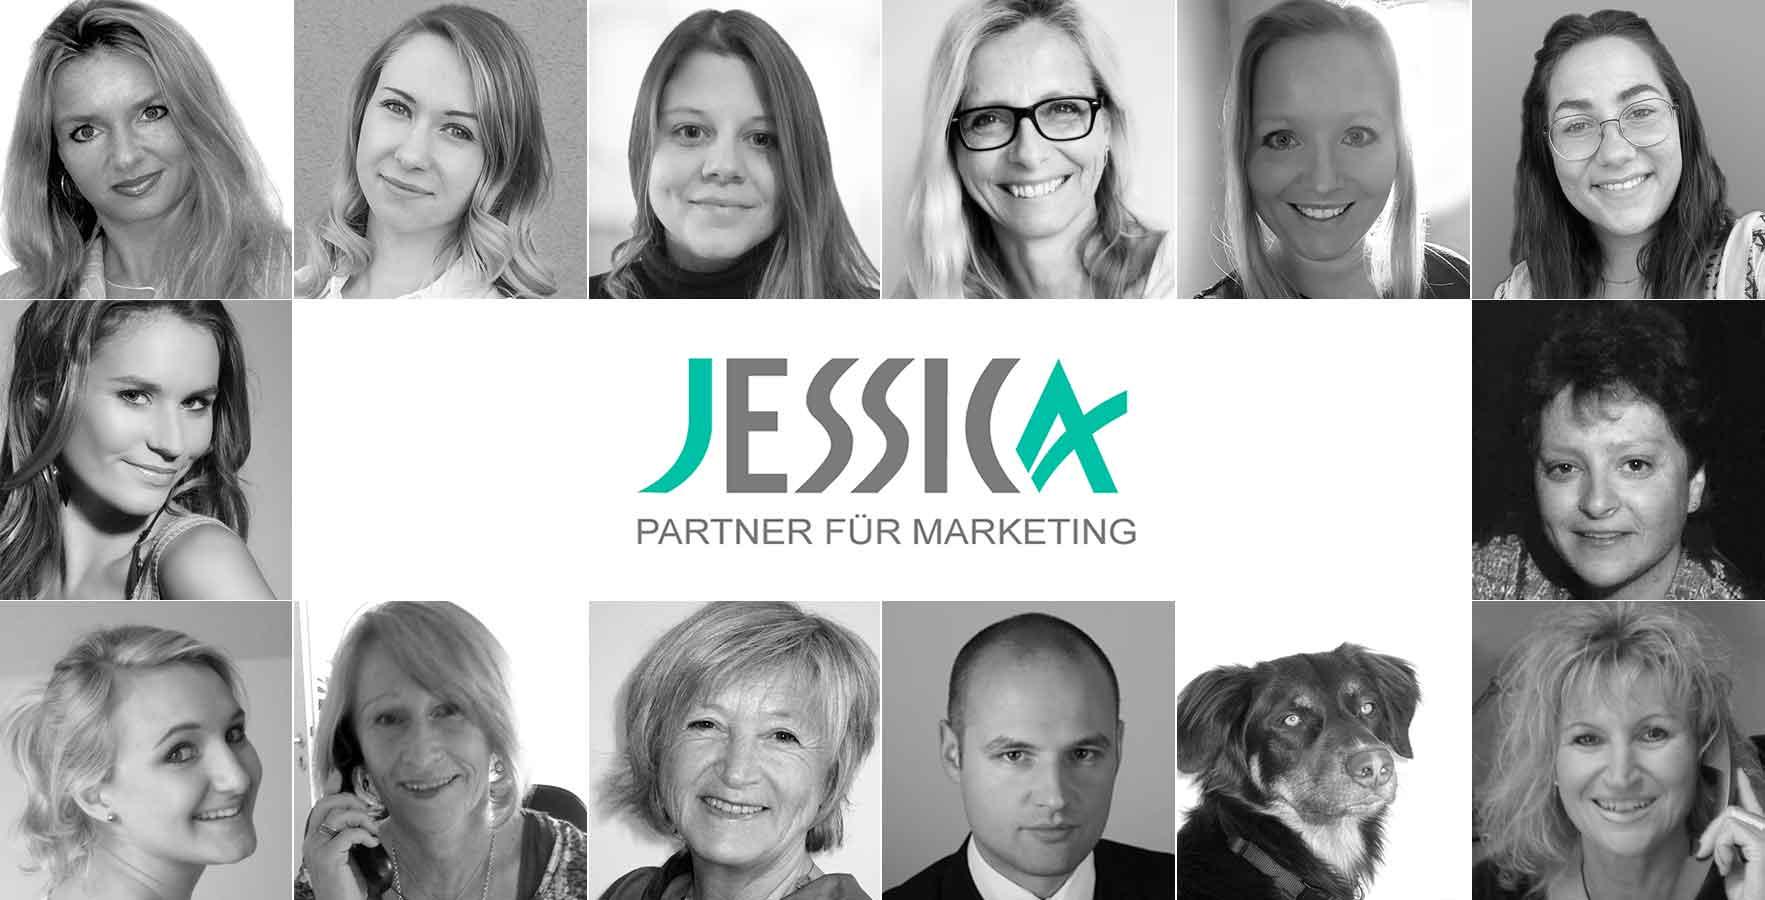 JESSICA Team